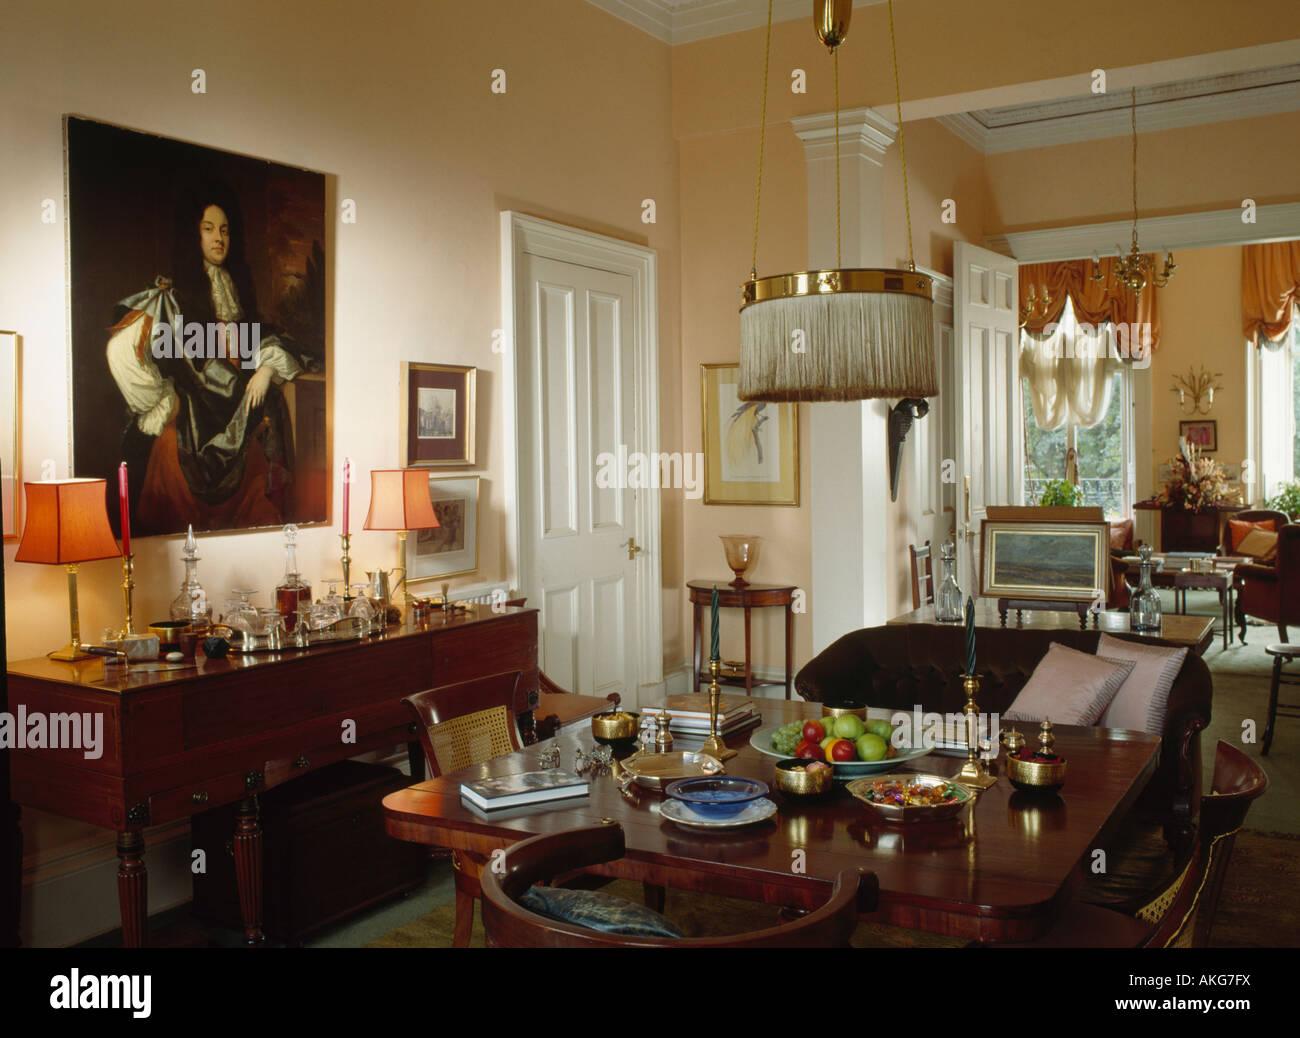 Großes Ölgemälde über Sideboard Im Traditionellen Stadthaus Speisesaal Mit  Antiker Tisch Und Doppeltüren Zum Wohnzimmer